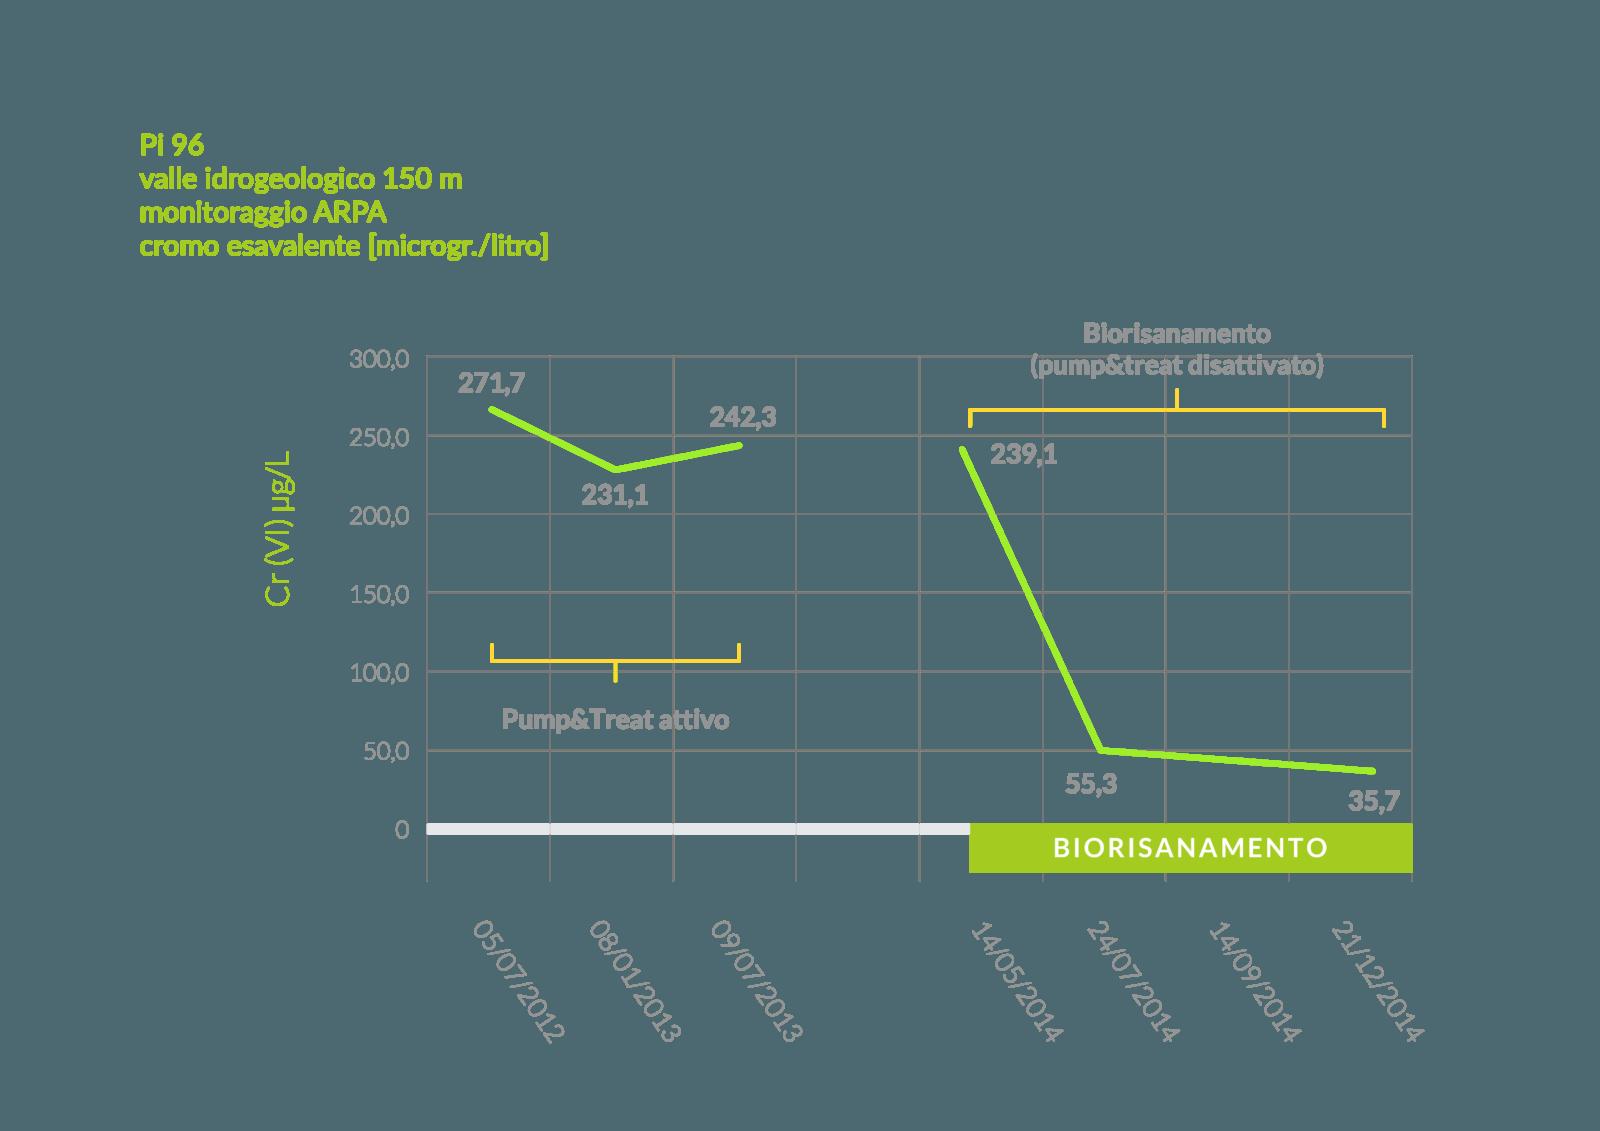 Risultati intervento biorisanamento in confronto al Pump & Treat